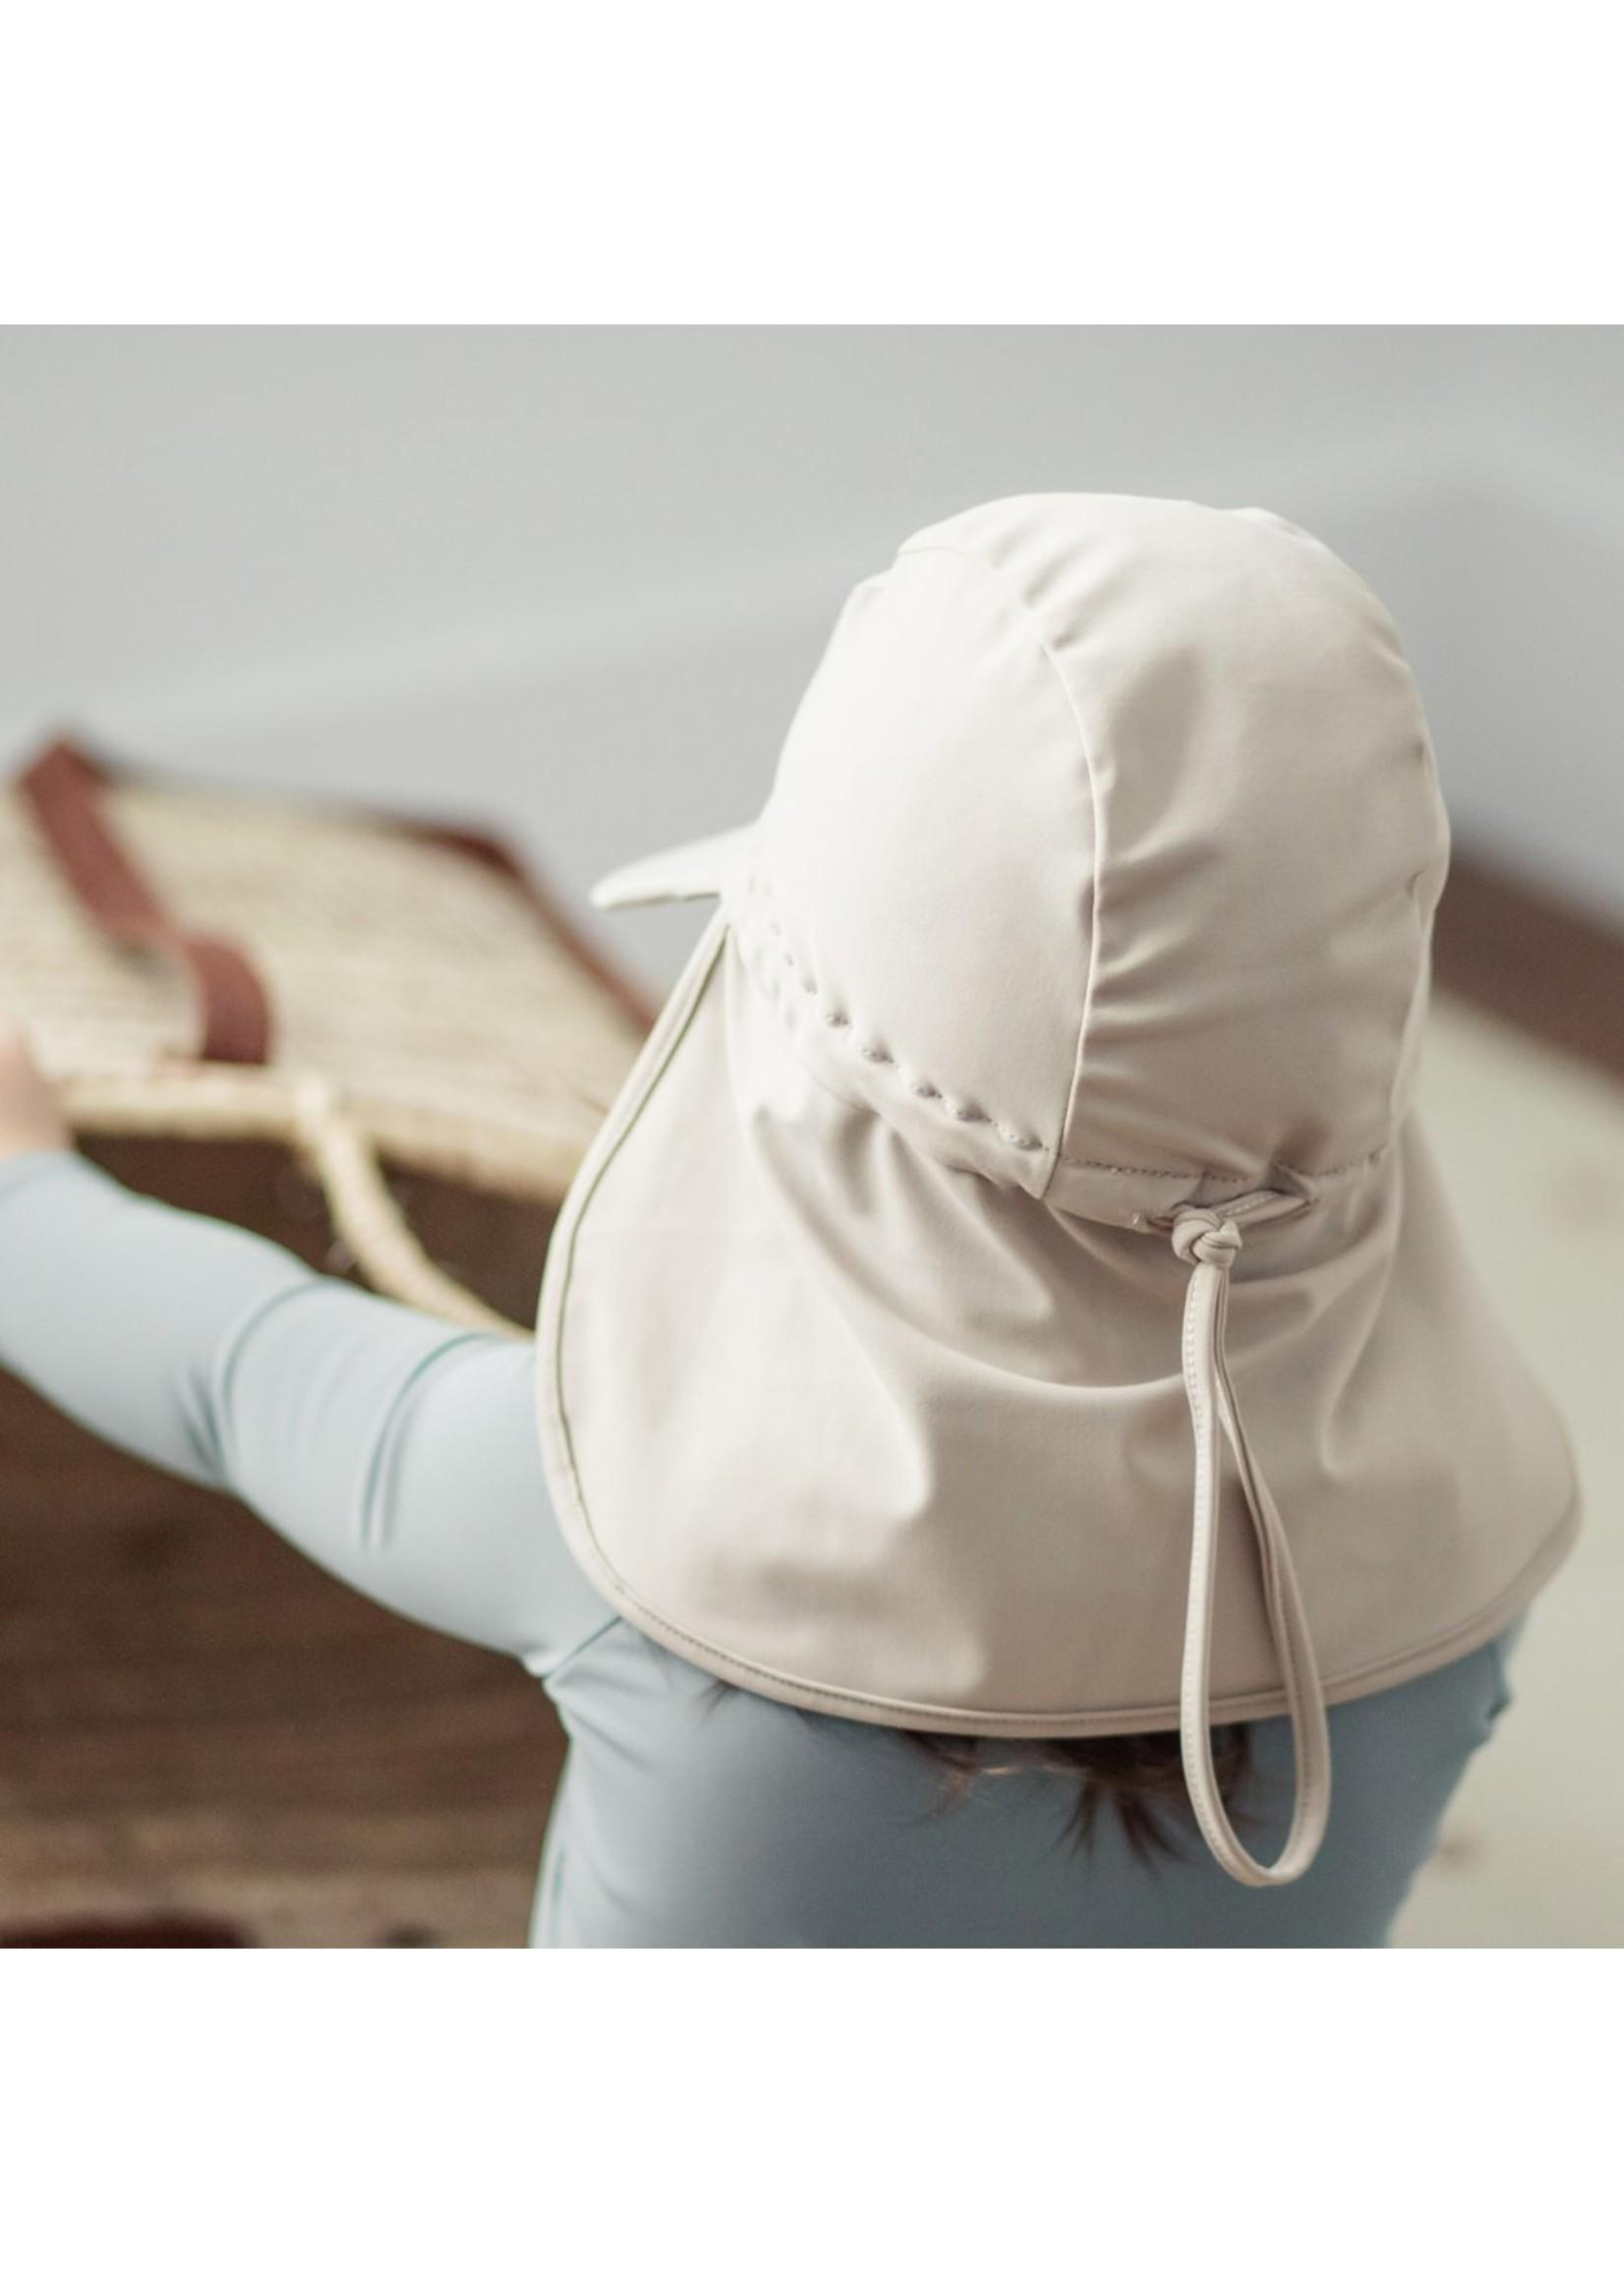 MASE & HATS Casquette de soleil évolutive Morocco Taupe